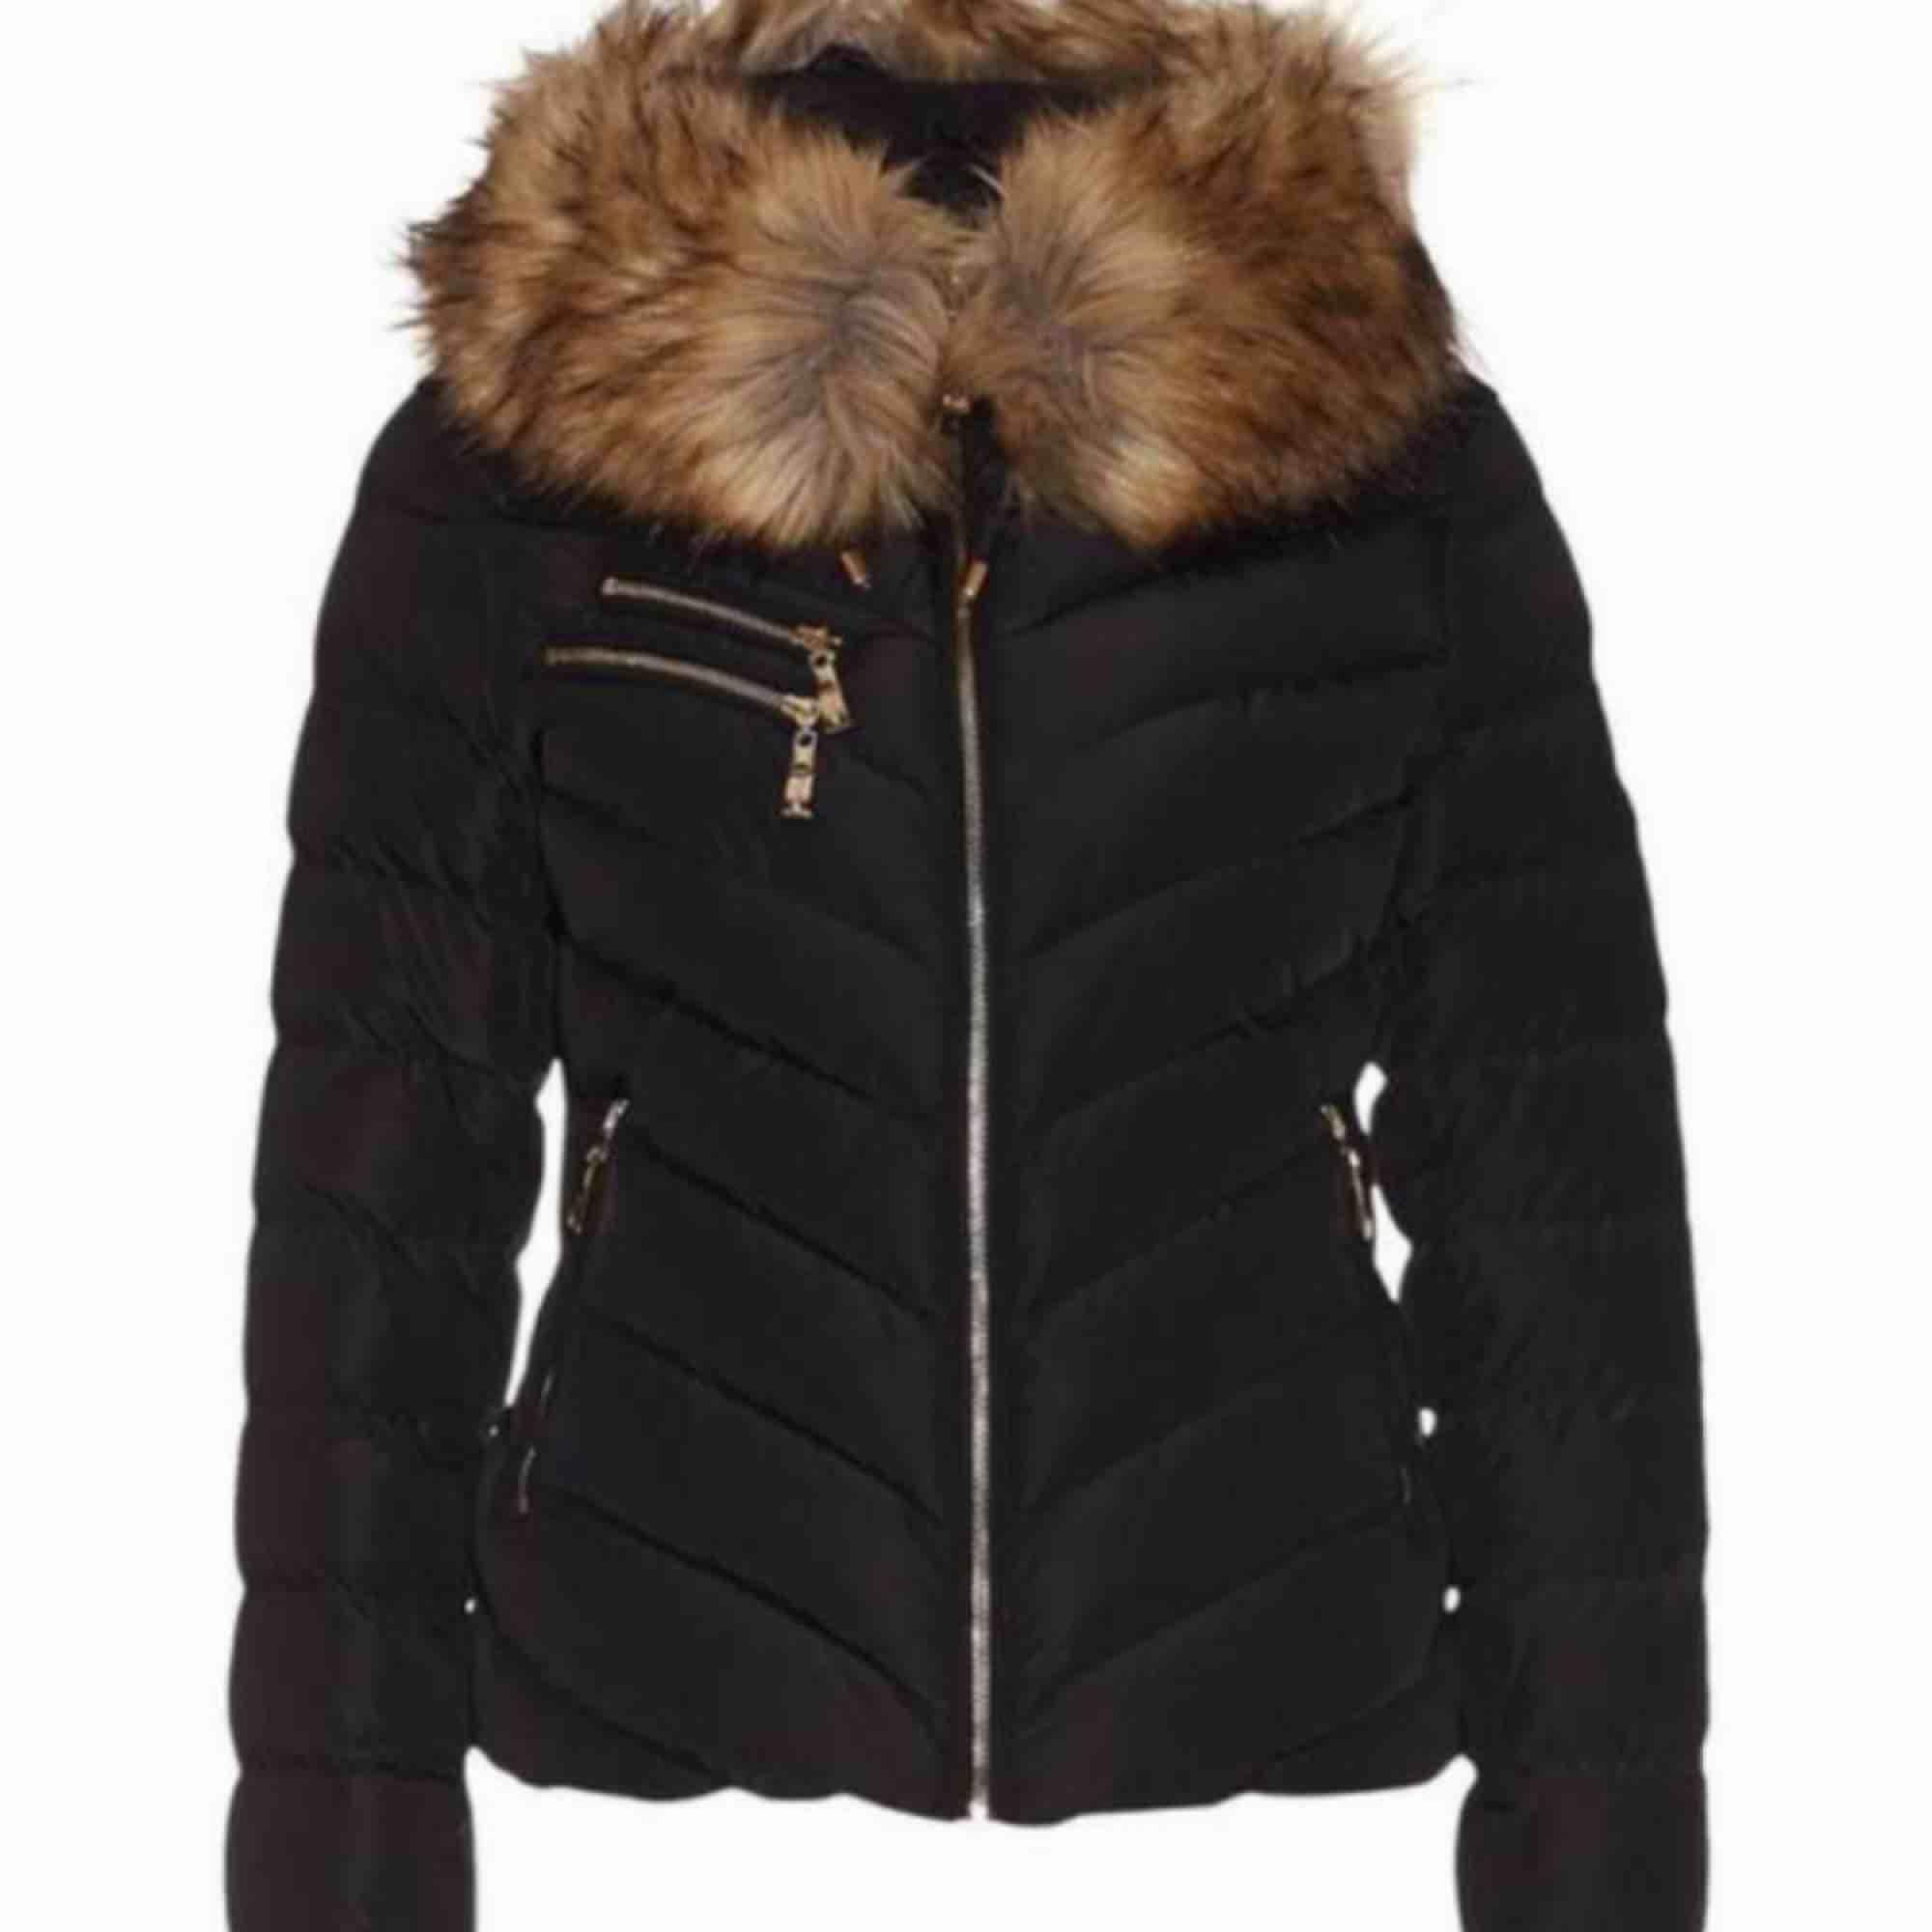 Säljer denna populära jacka. Använd 1 vinter. Ej äkta päls. Kan tänka mig att gå ner i pris vid snabb affär. Jackor.